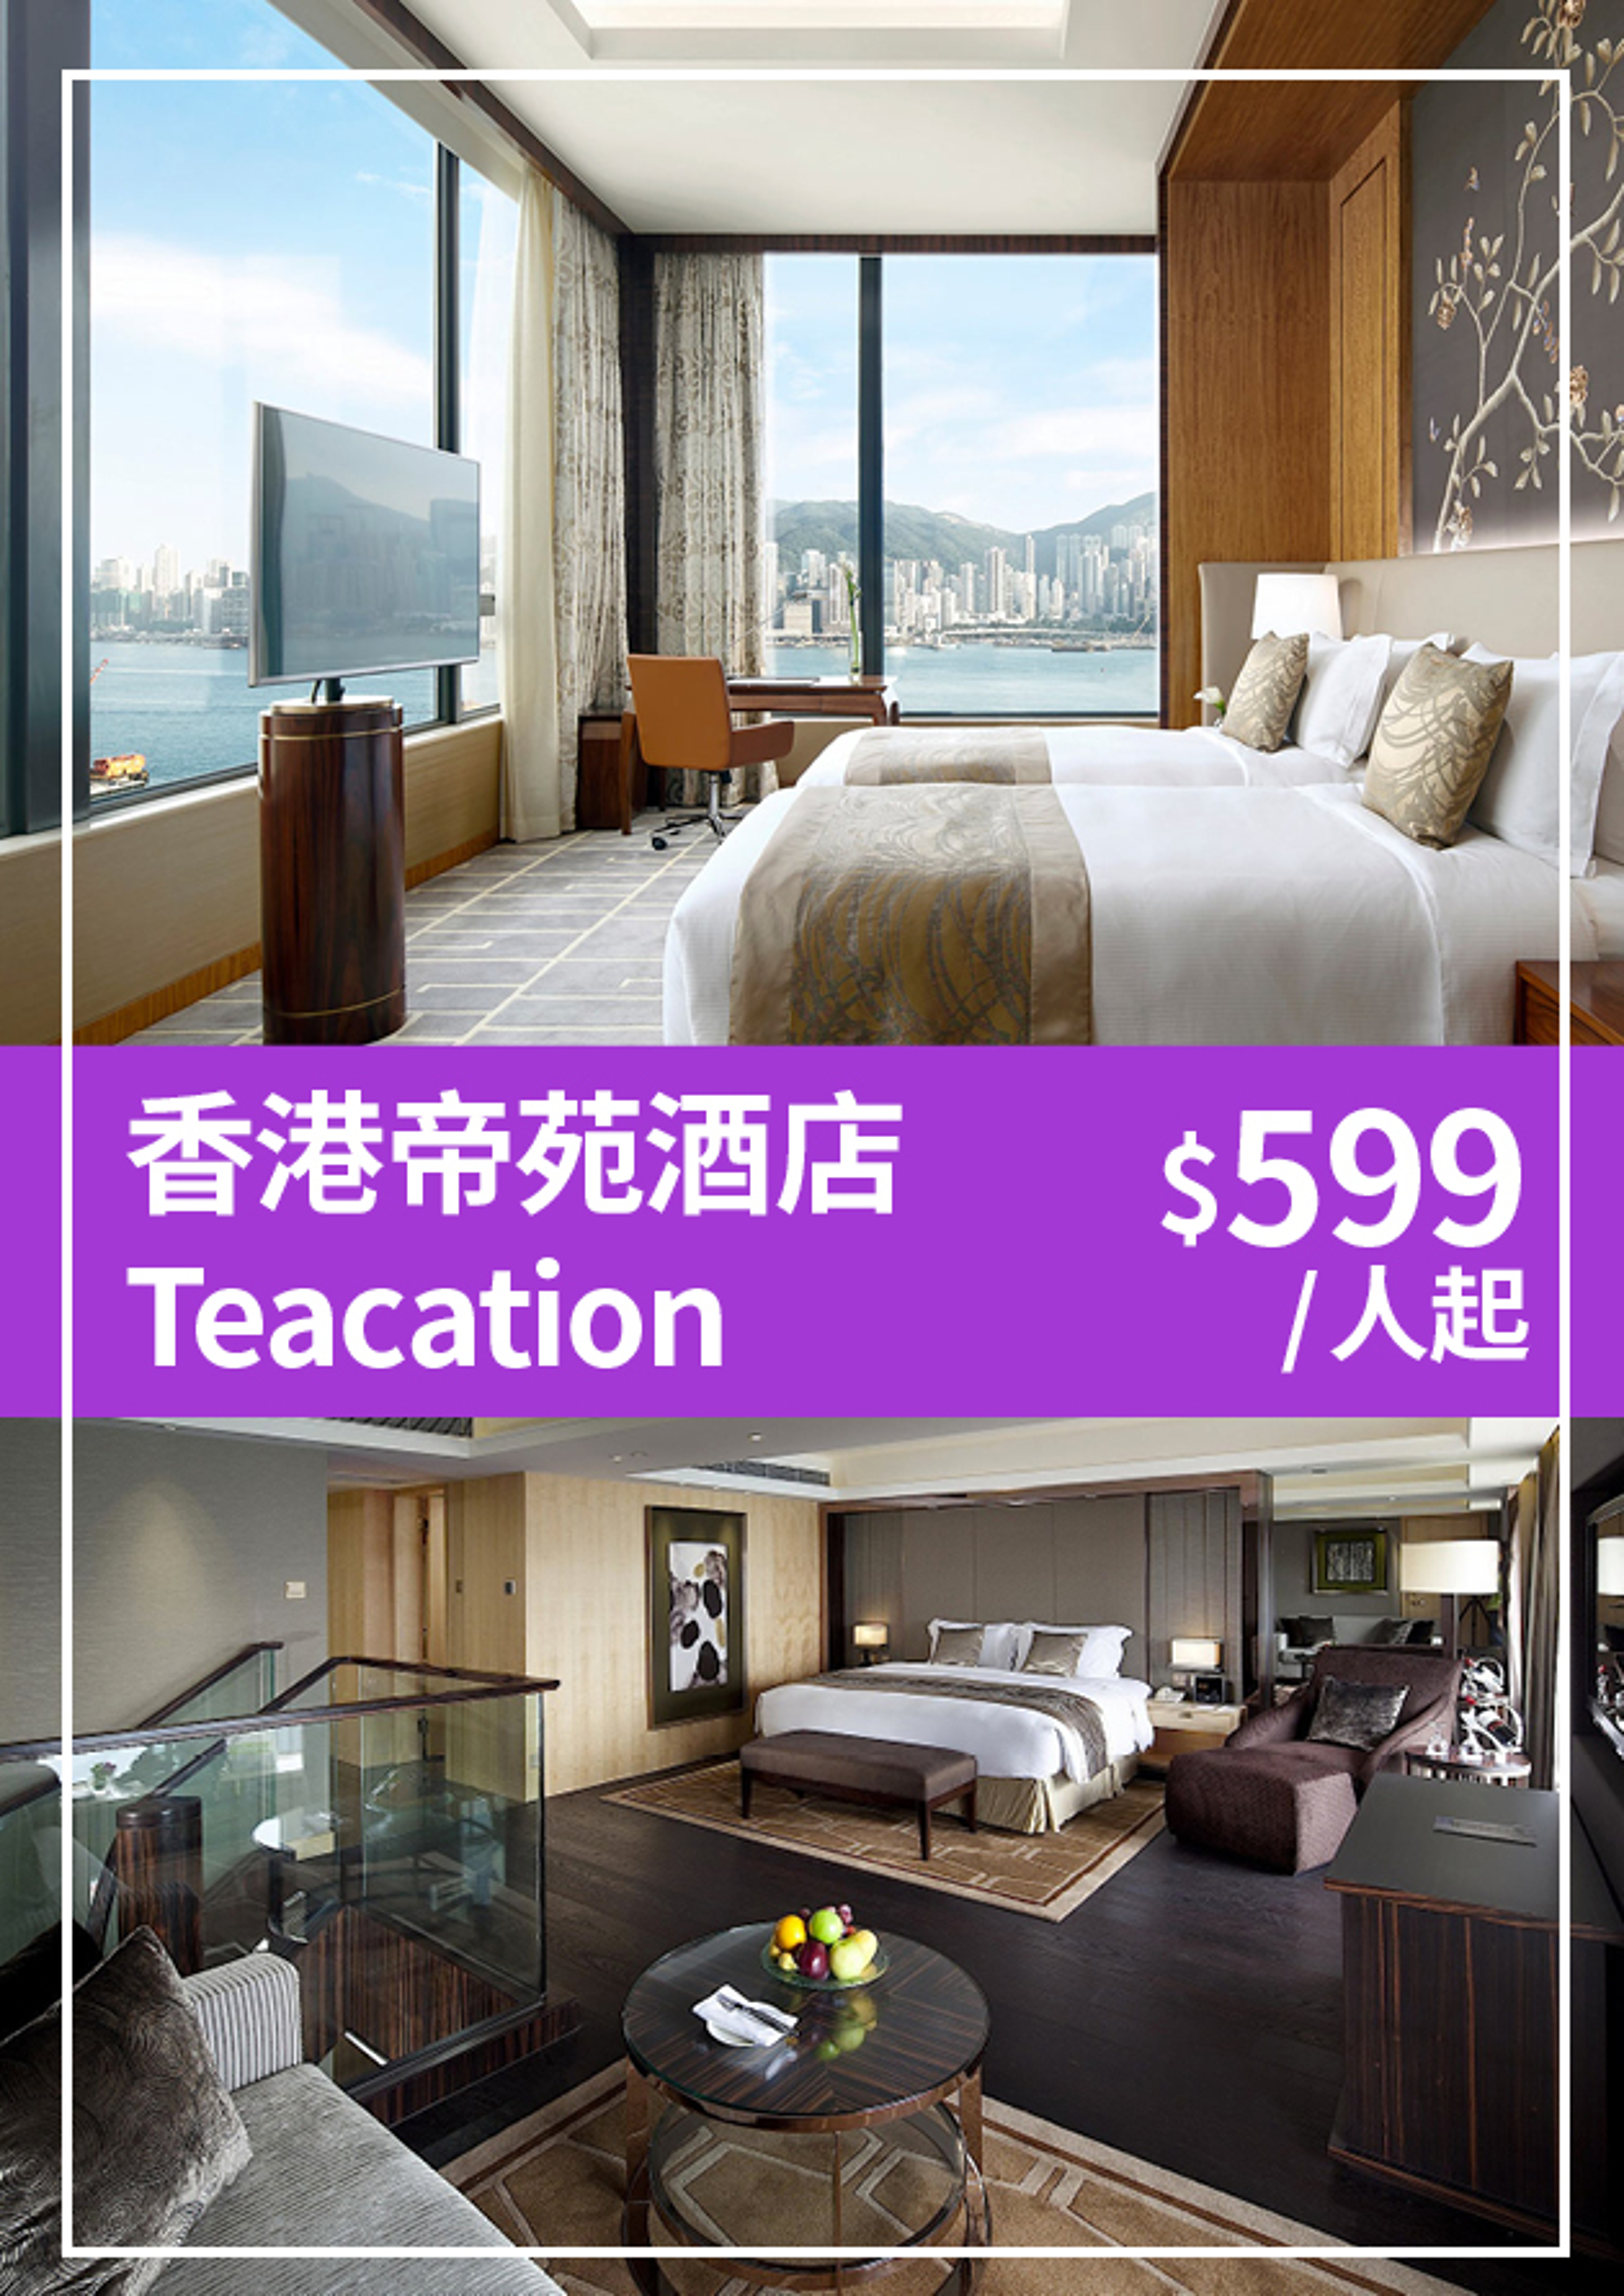 香港帝苑酒店 Teacation - J's Bar Bistro: 粉紅、玫瑰、朱古力、魚子醬下午茶住宿優惠